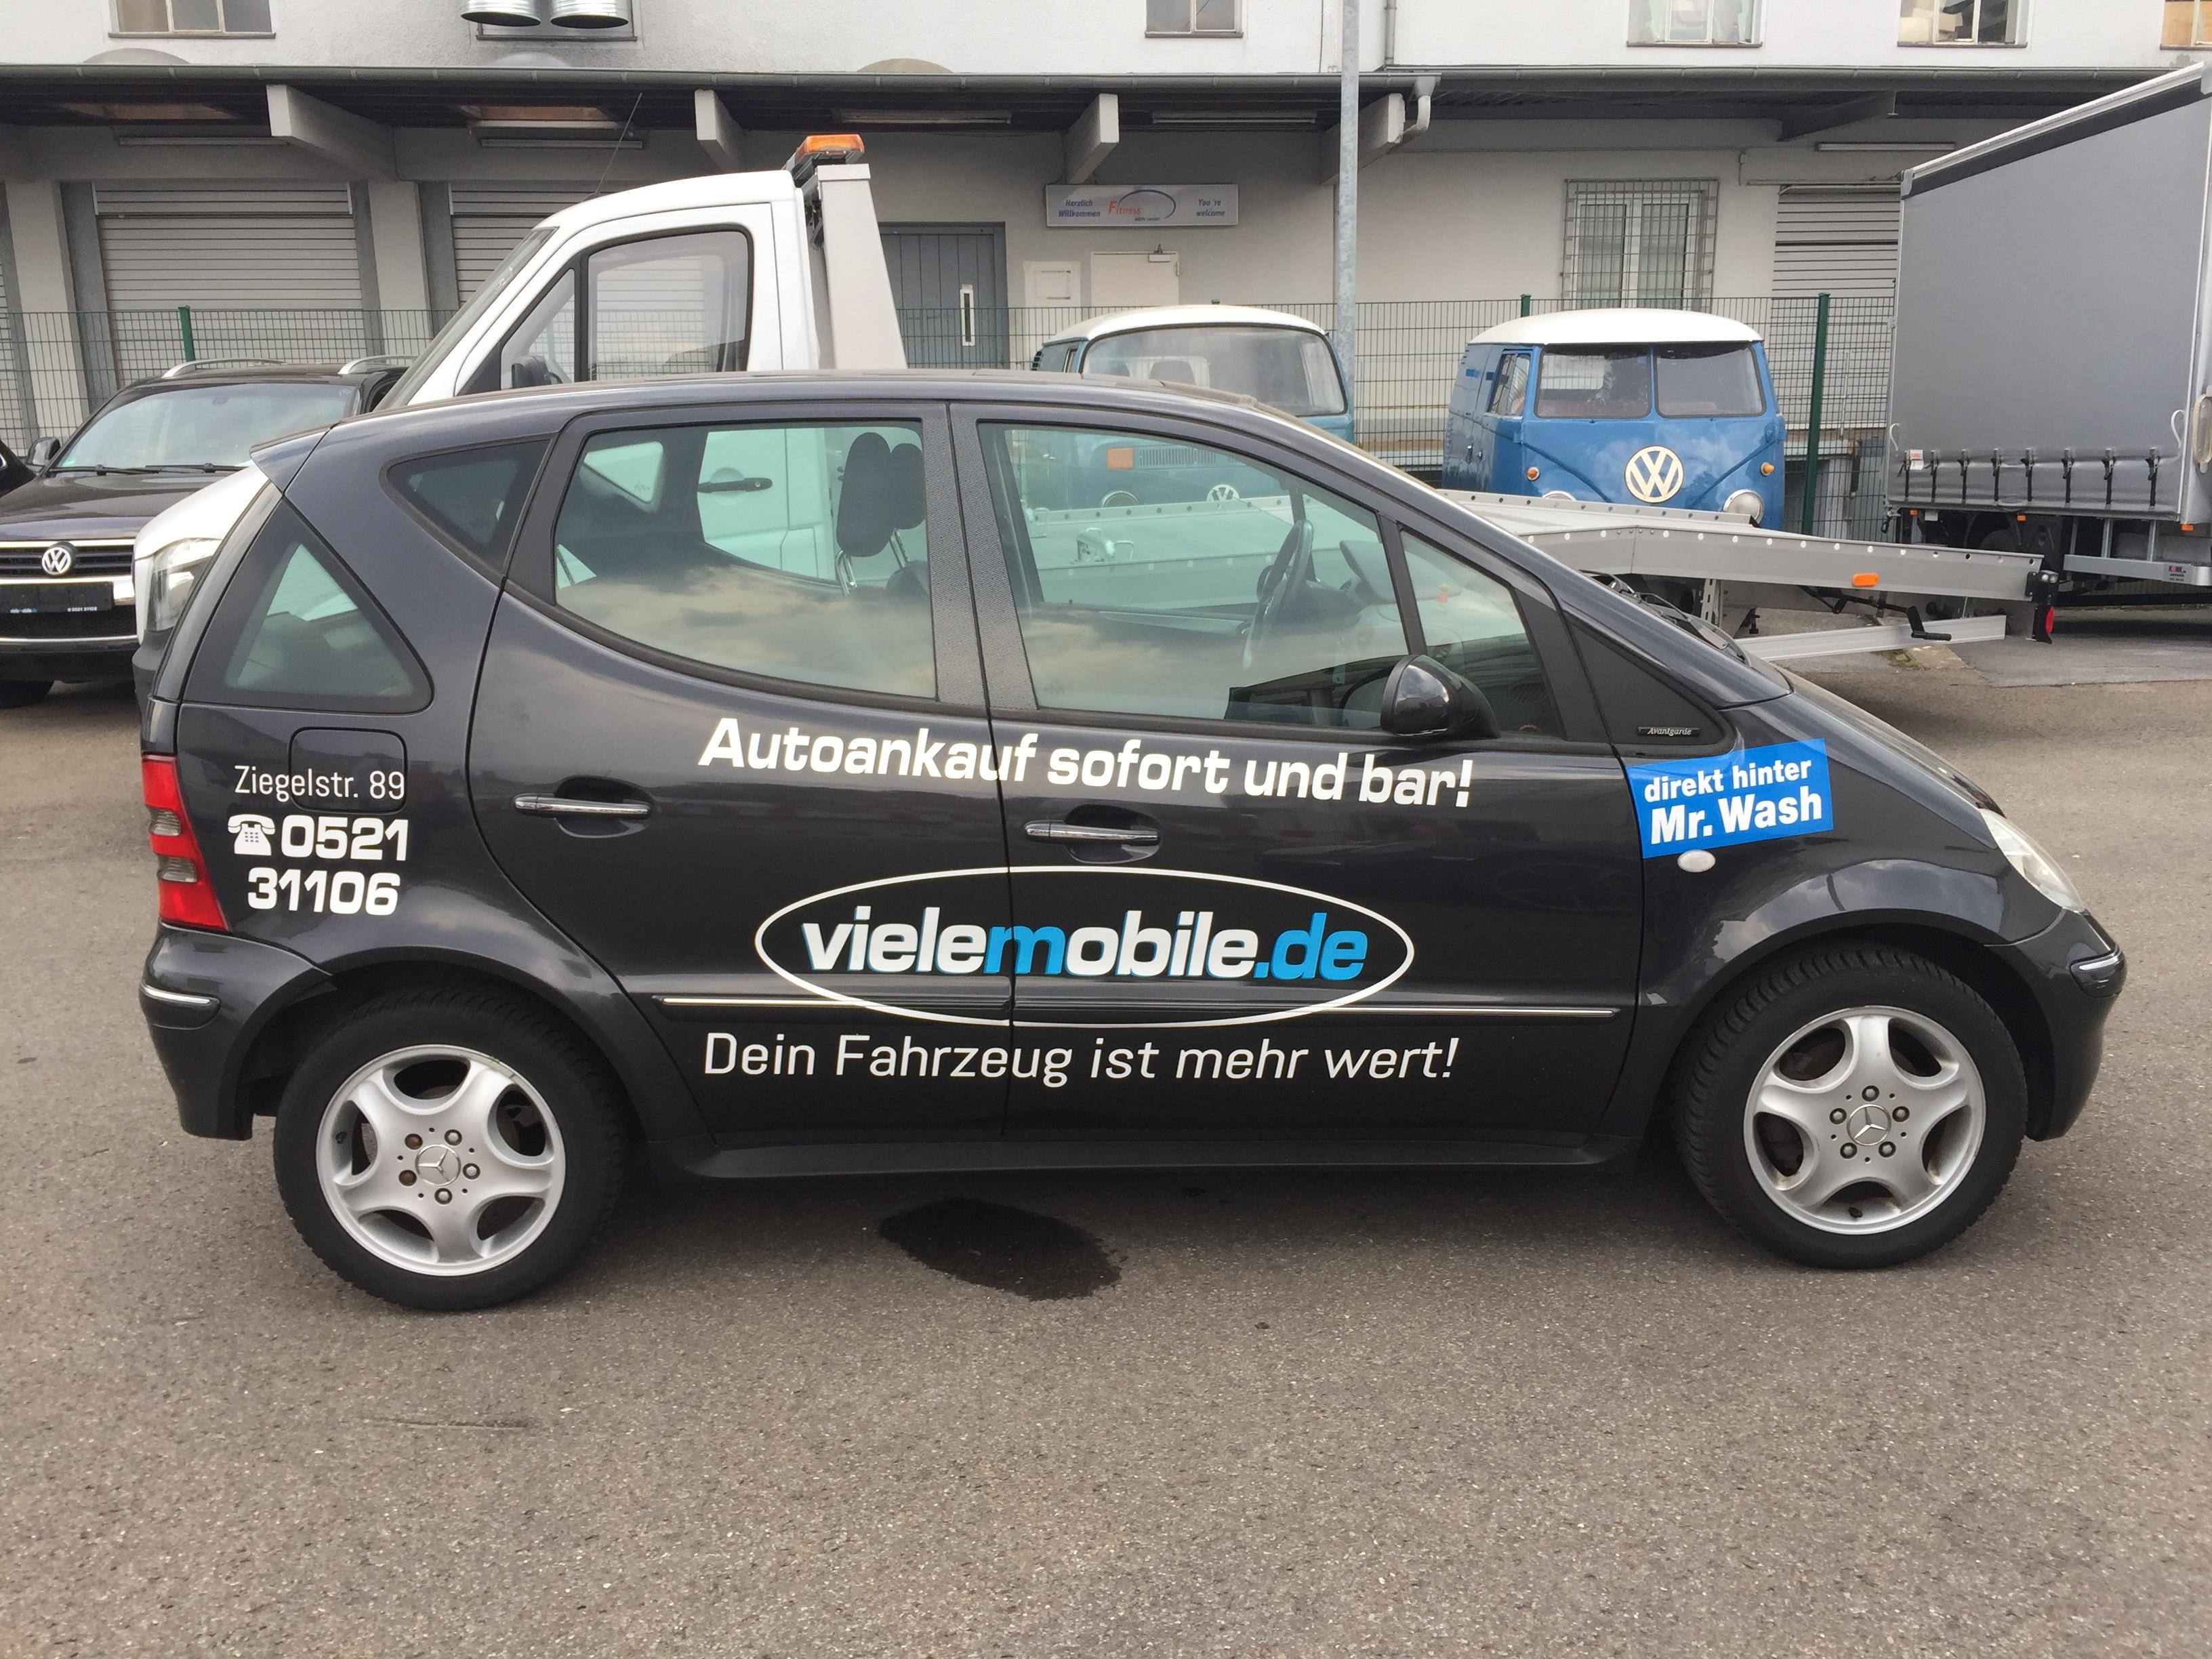 Autoankauf Bielefeld - Wir bieten Ihnen mehr für Ihr Auto!